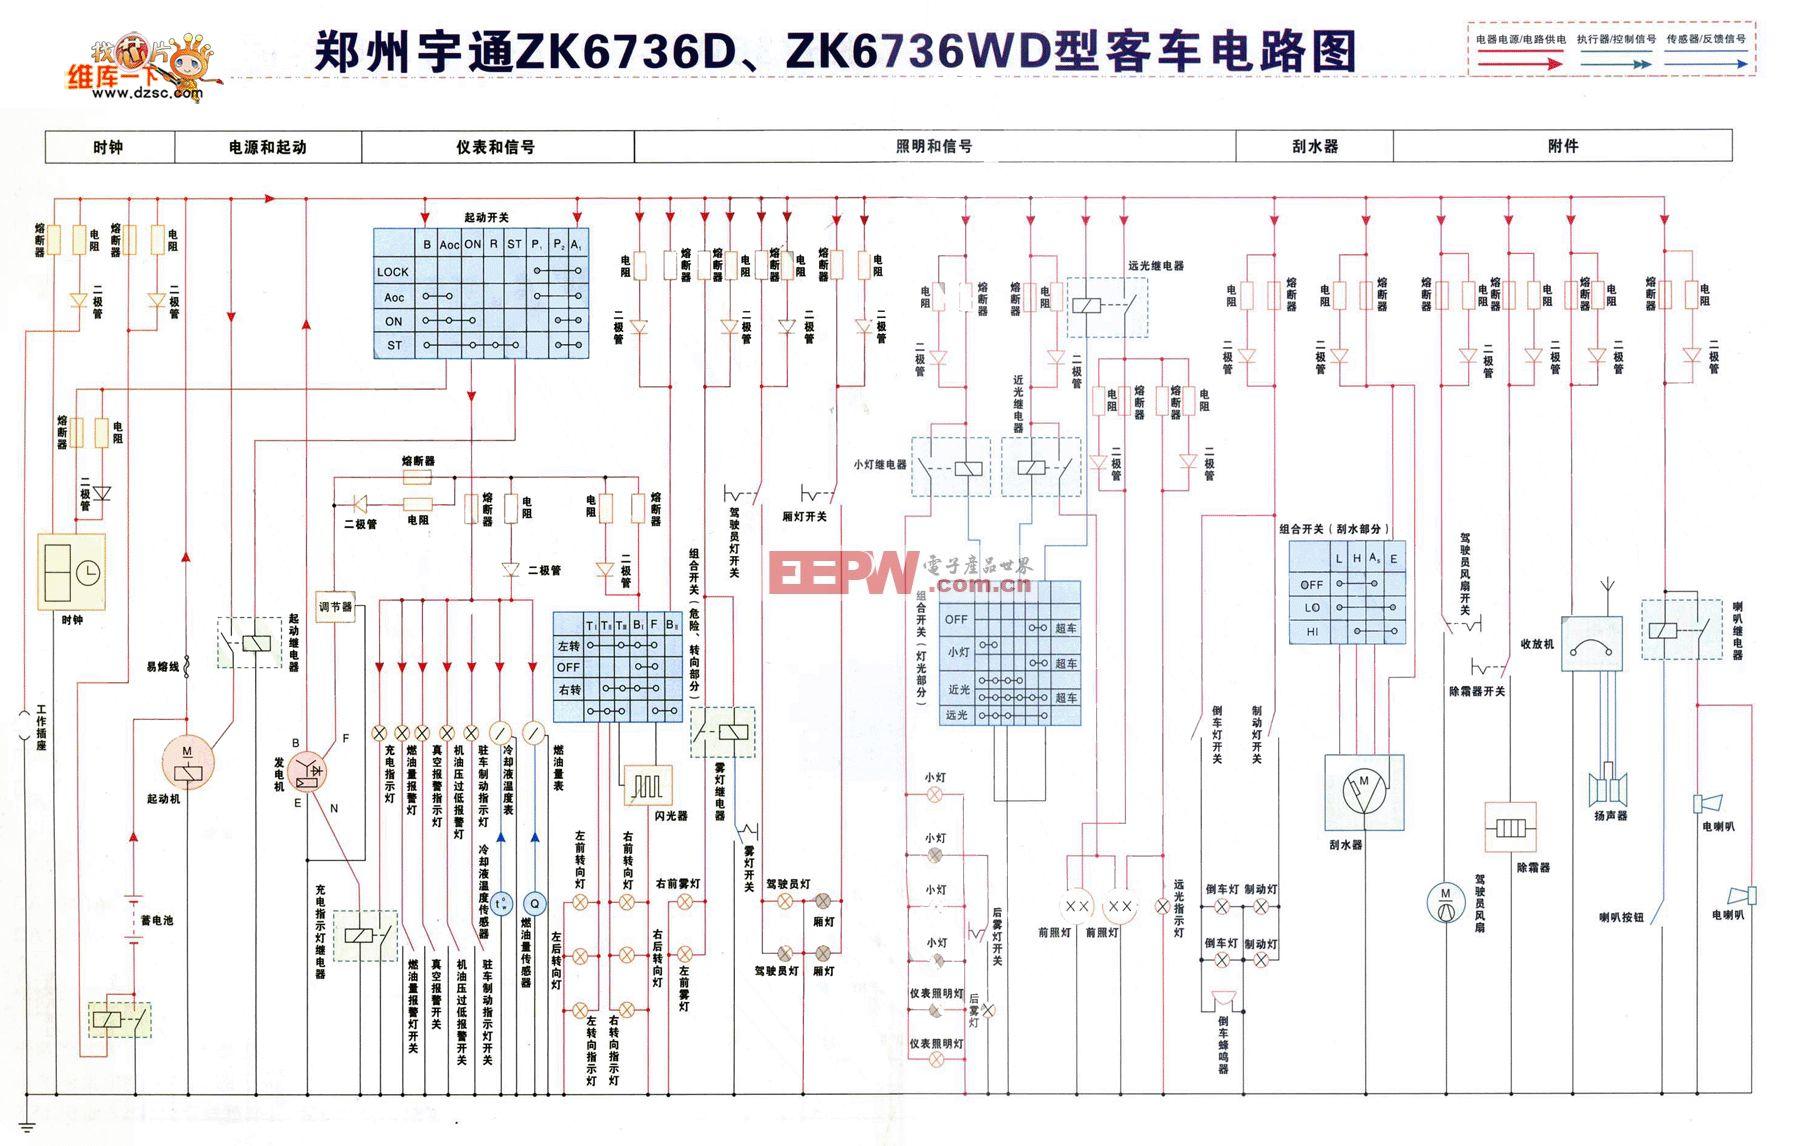 郑州宇通ZK6736D、ZK6736WD型客车电路图